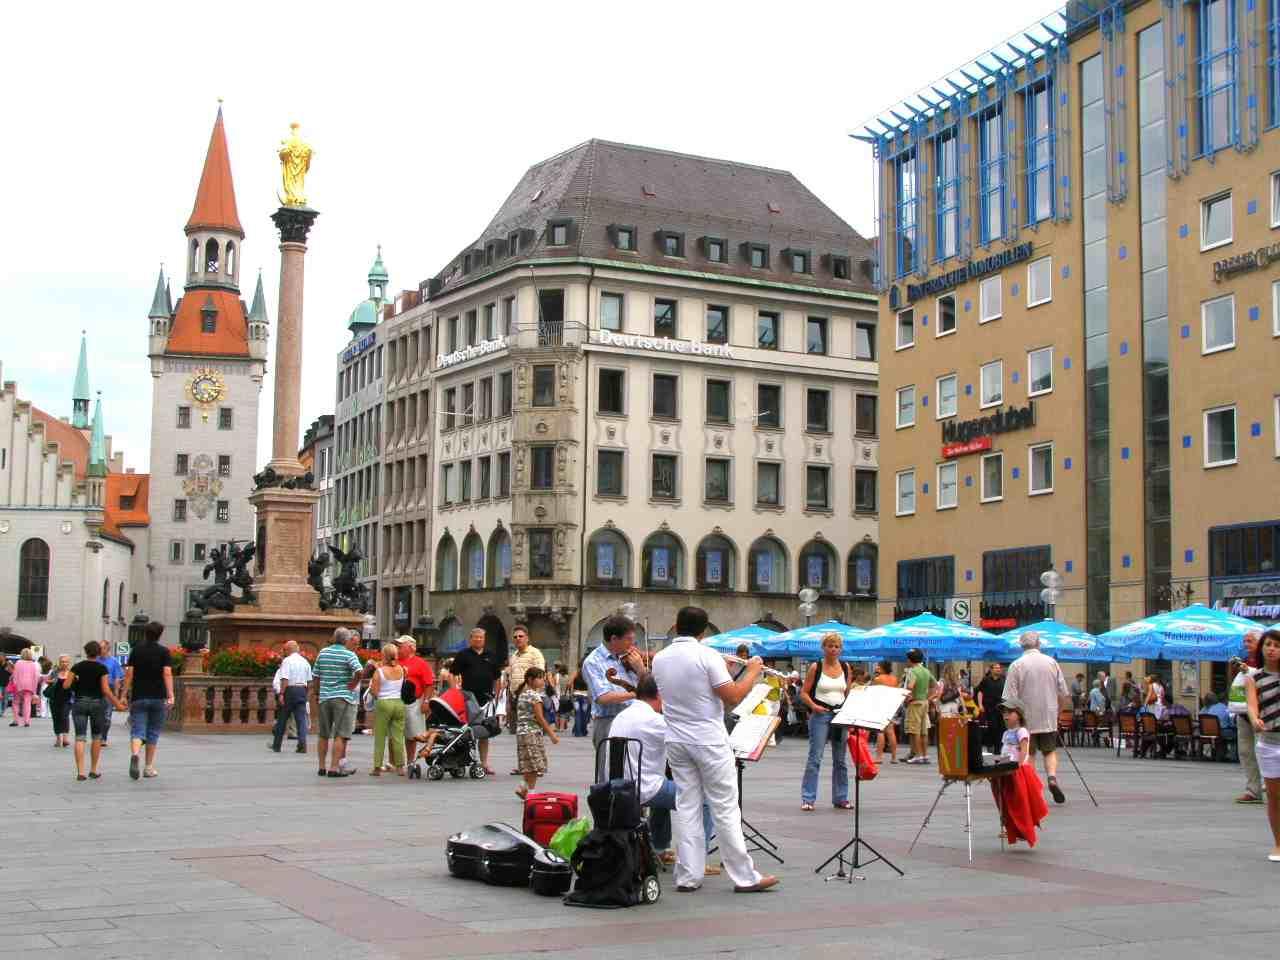 خیابان  Schildergasse شهر کلن